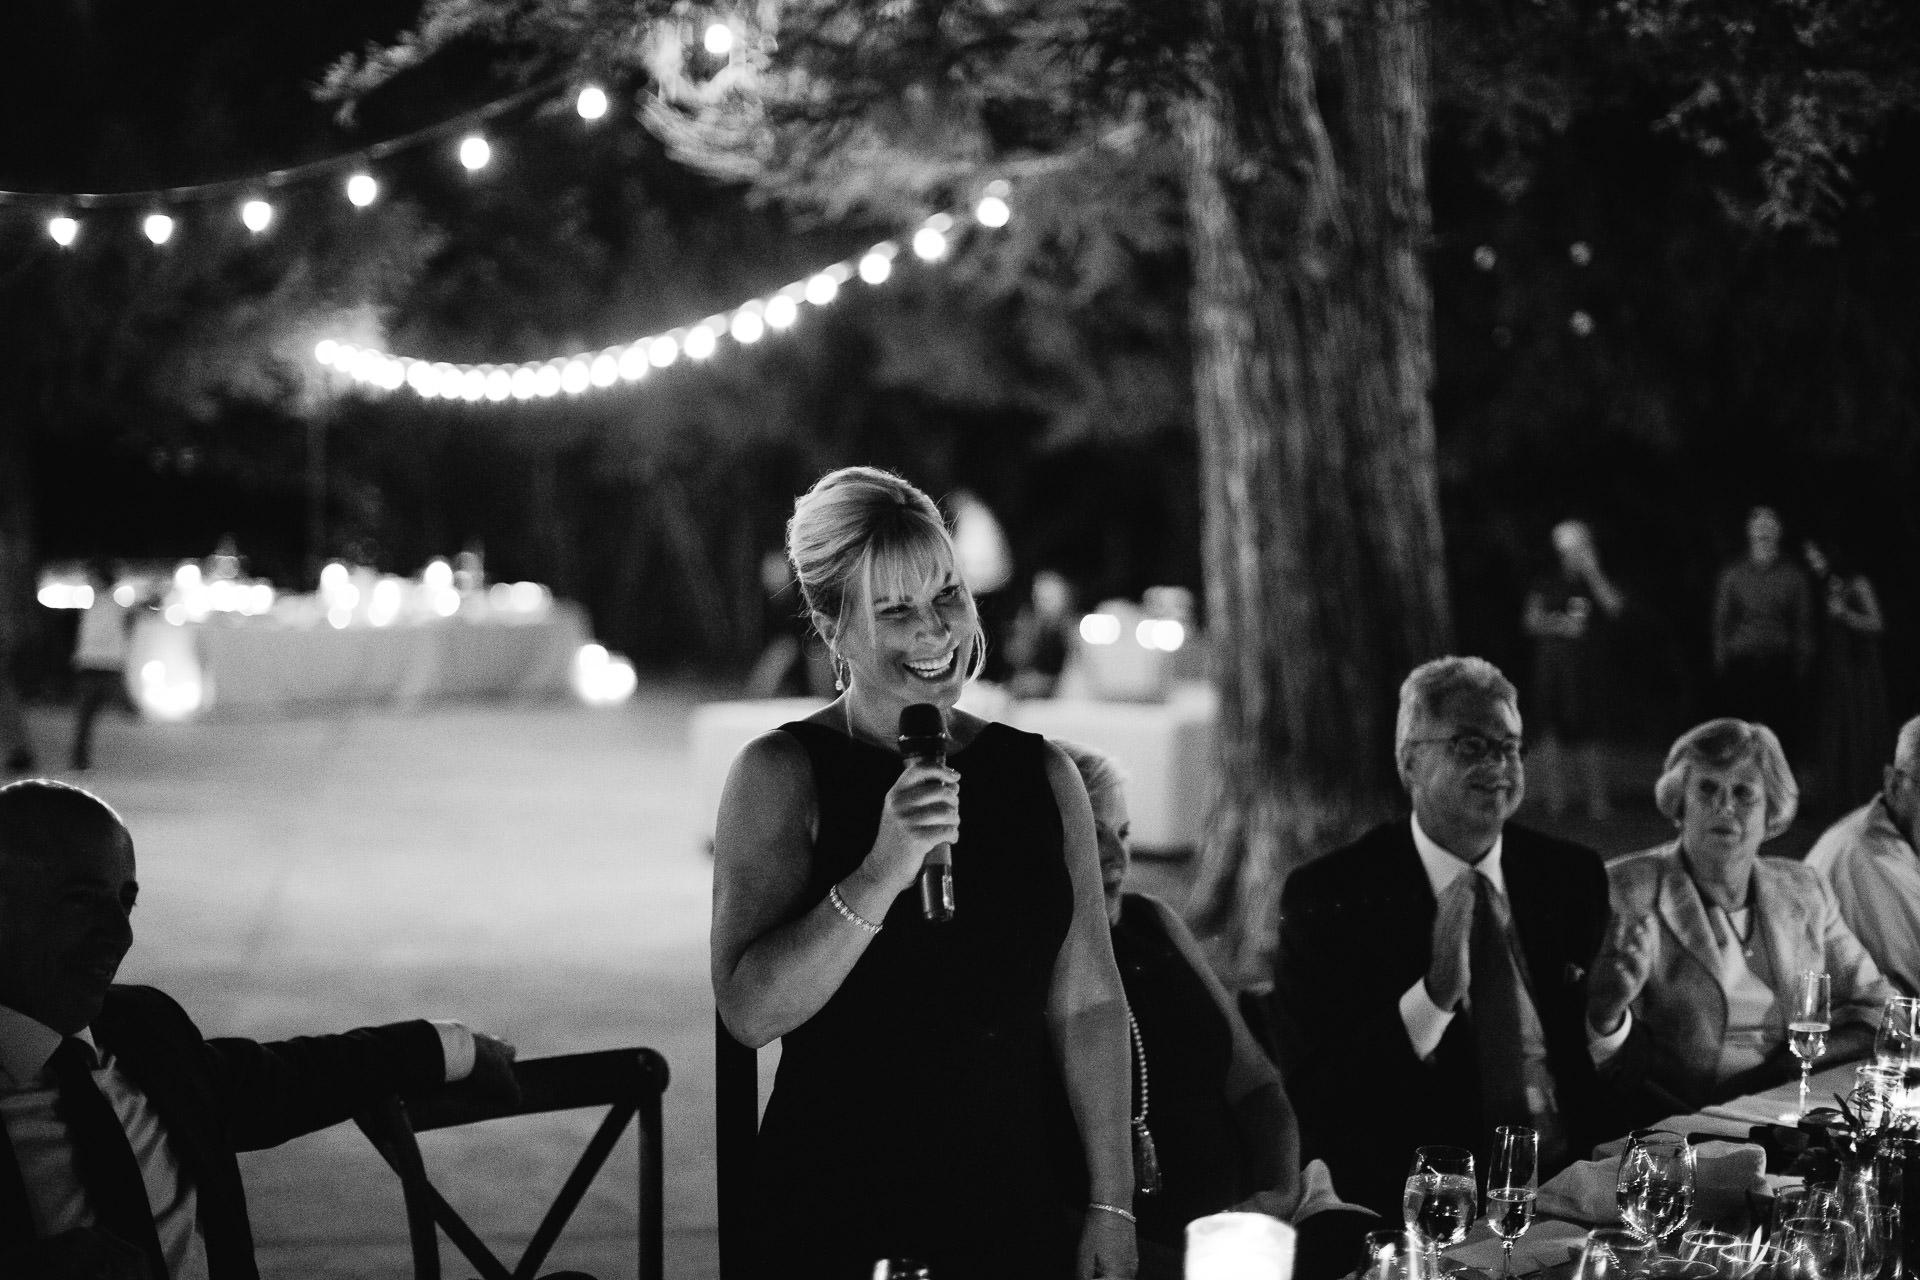 lauren_graham_wedding_california_park_winters_jeanlaurentgaudy_090